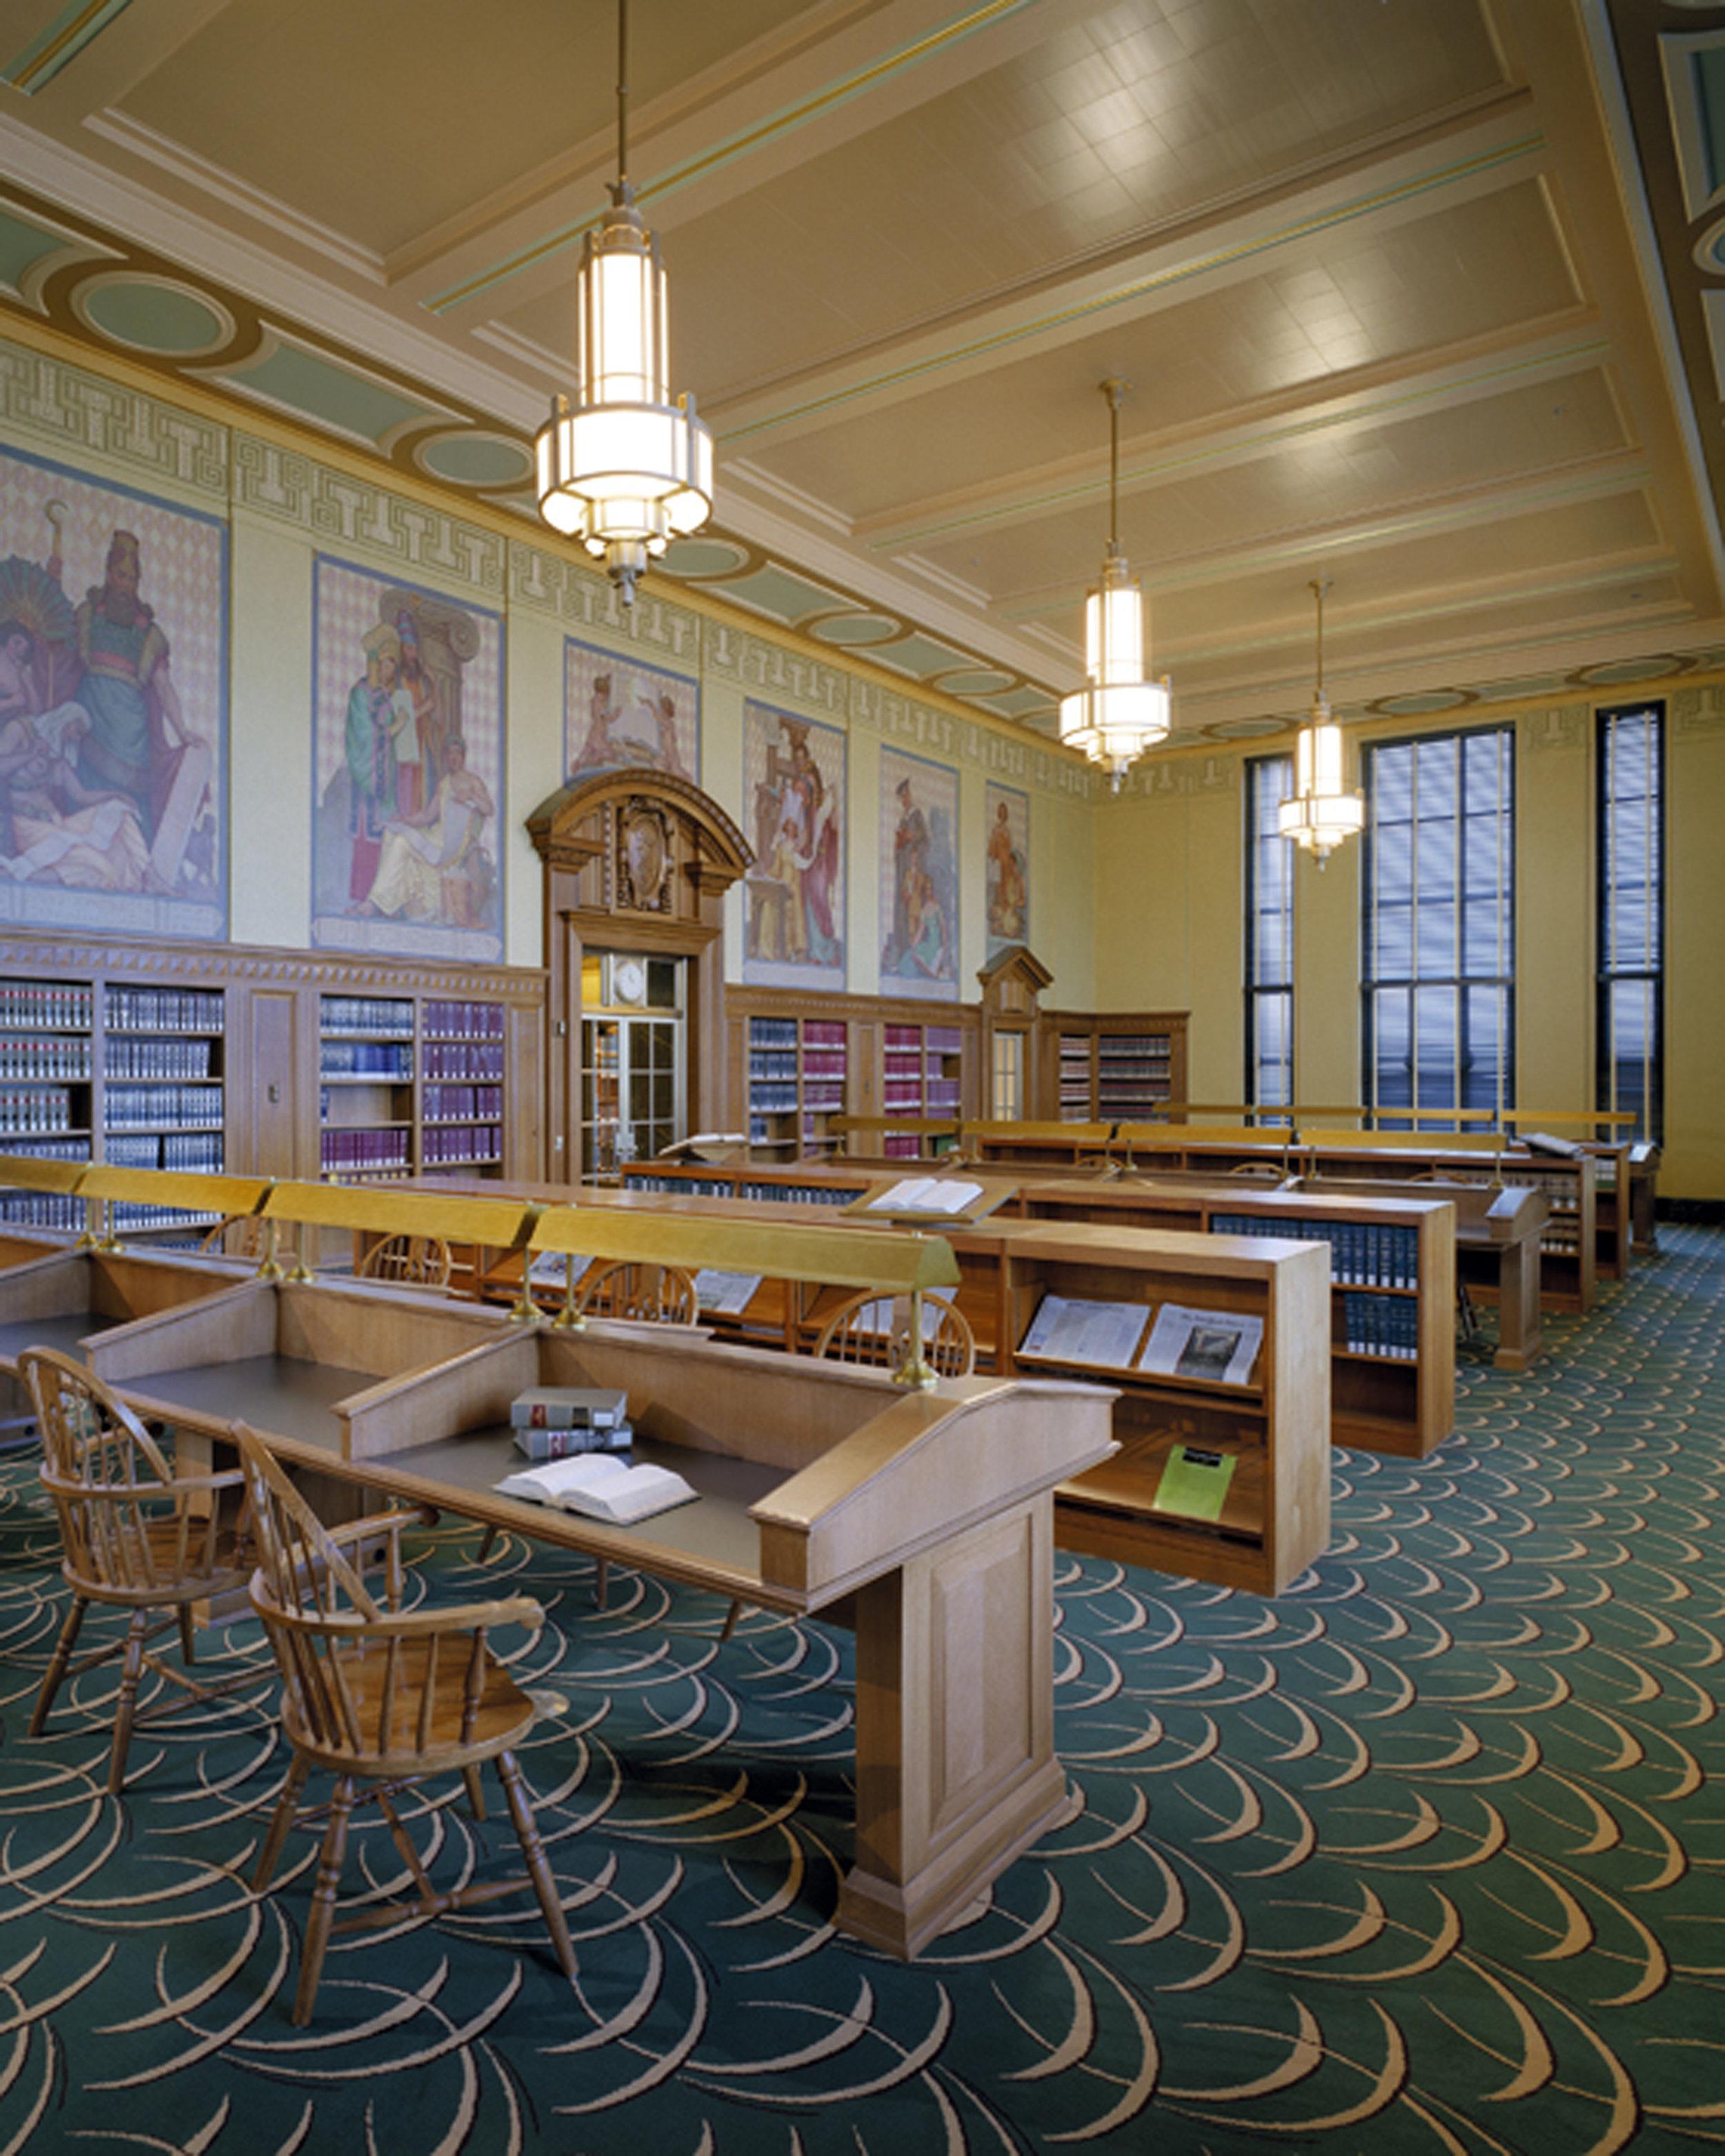 OJC_library reading room 1.jpg